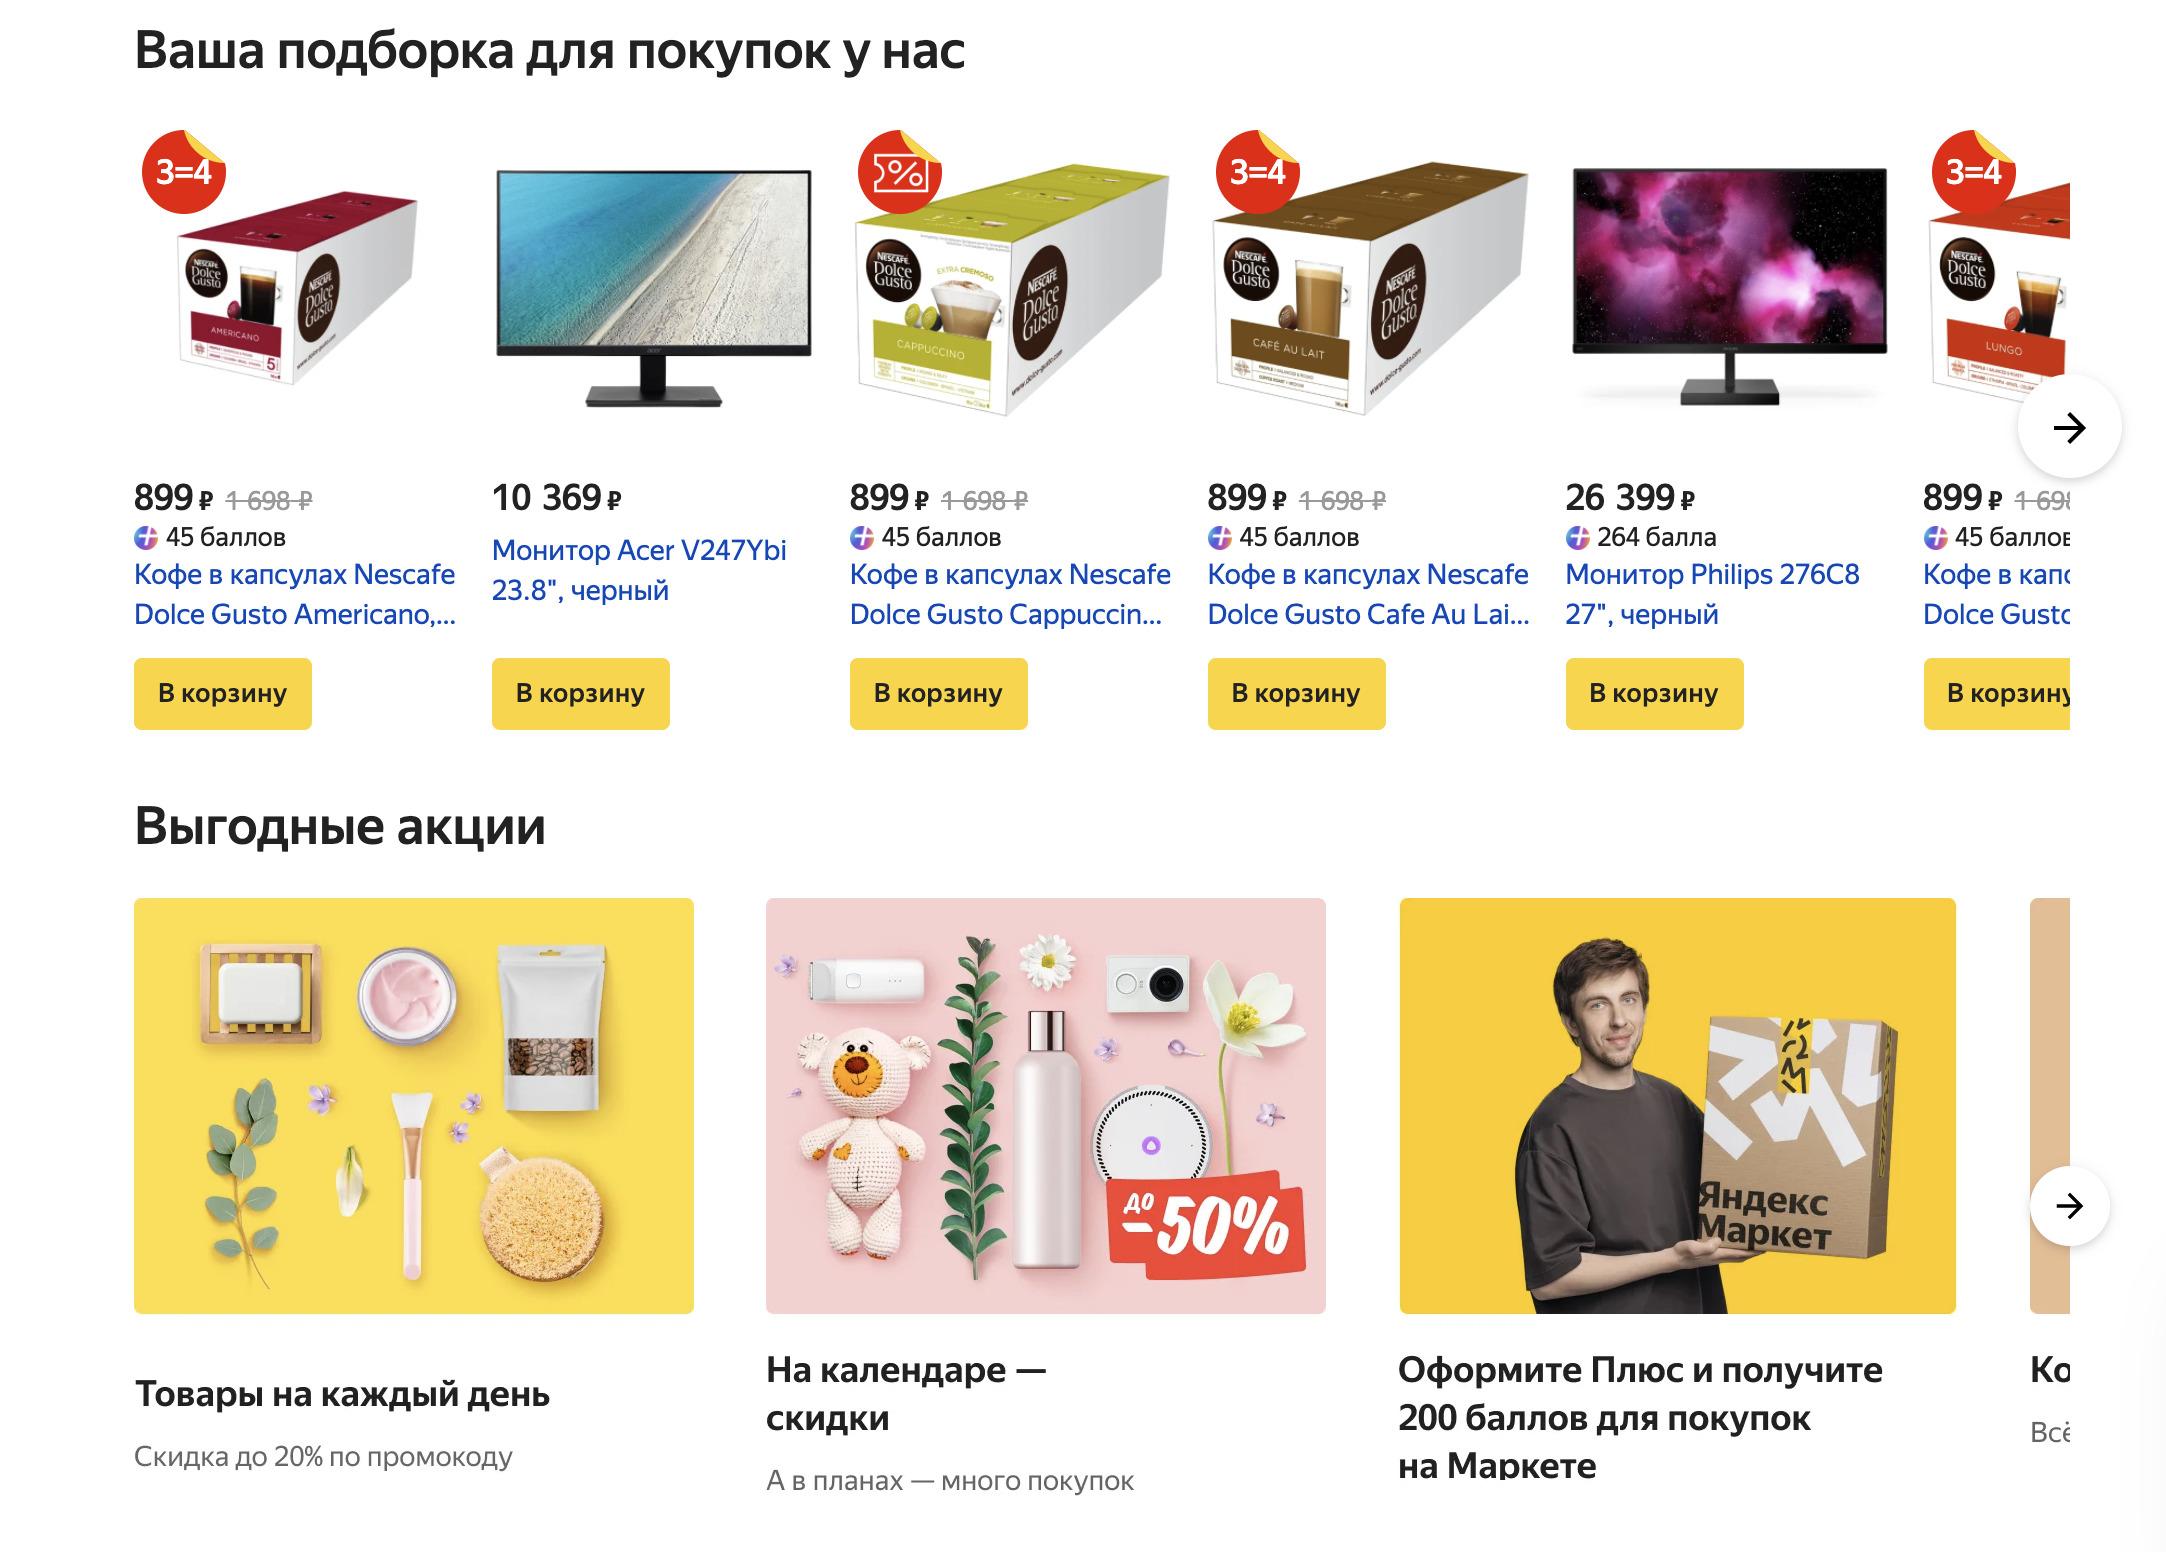 Доставка из Яндекс.Маркет в Буденновск, сроки, пункты выдачи, каталог